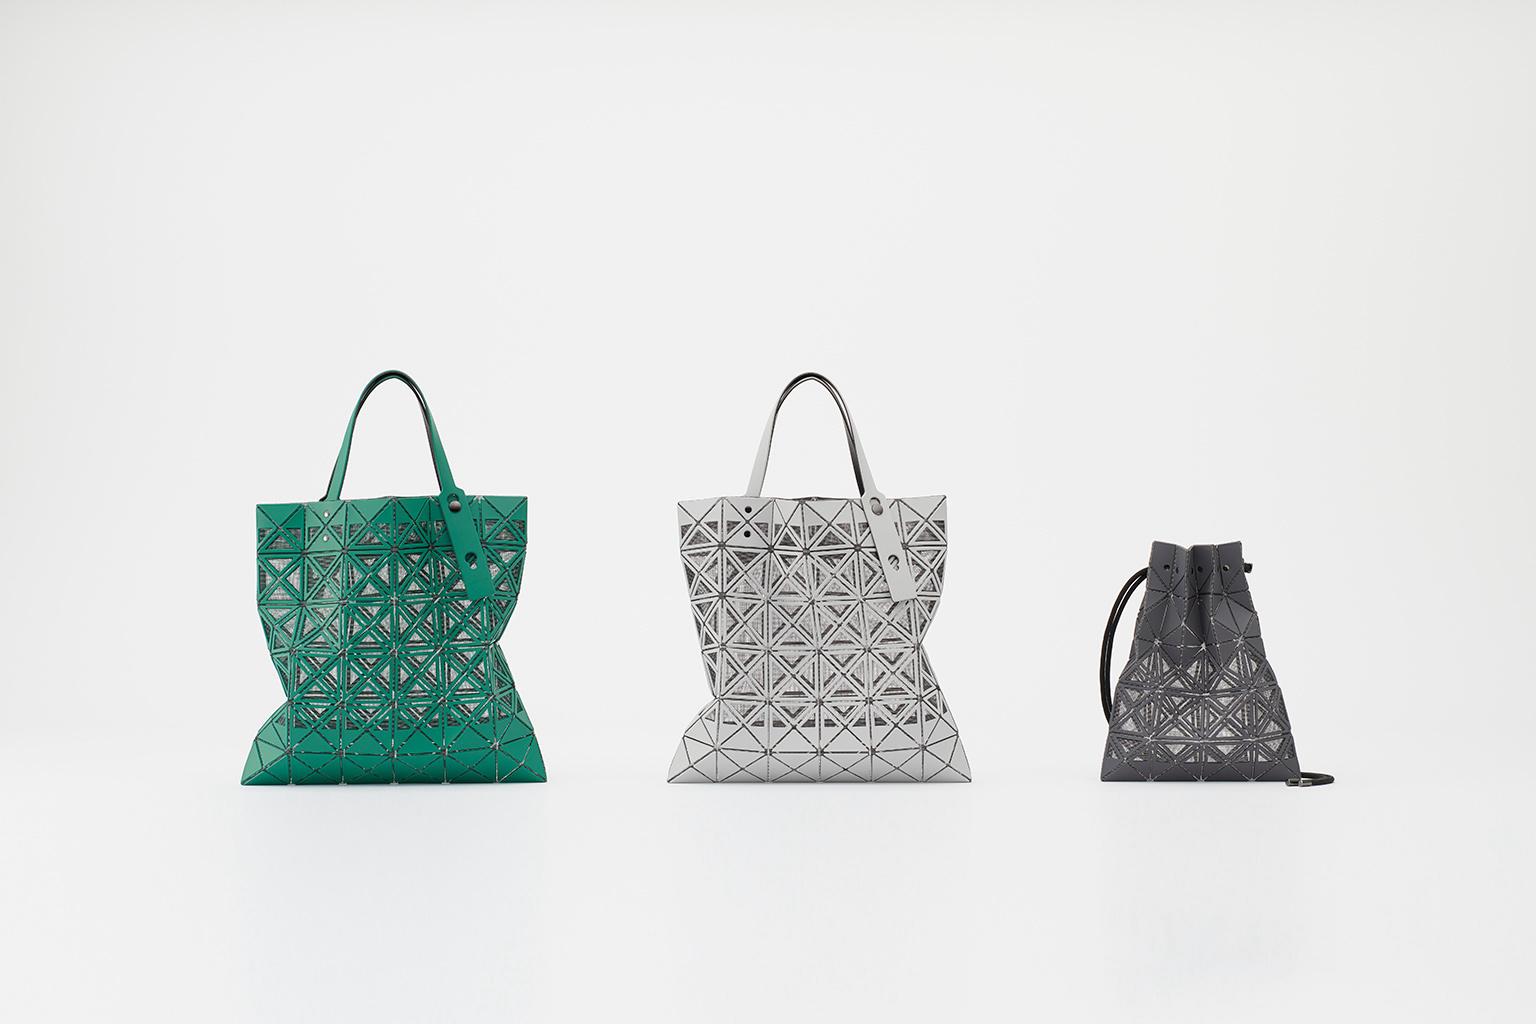 写真:フレームのトートバッグ(グリーン、ライトグレー)とミニハンドバッグ(チャコールグレー)